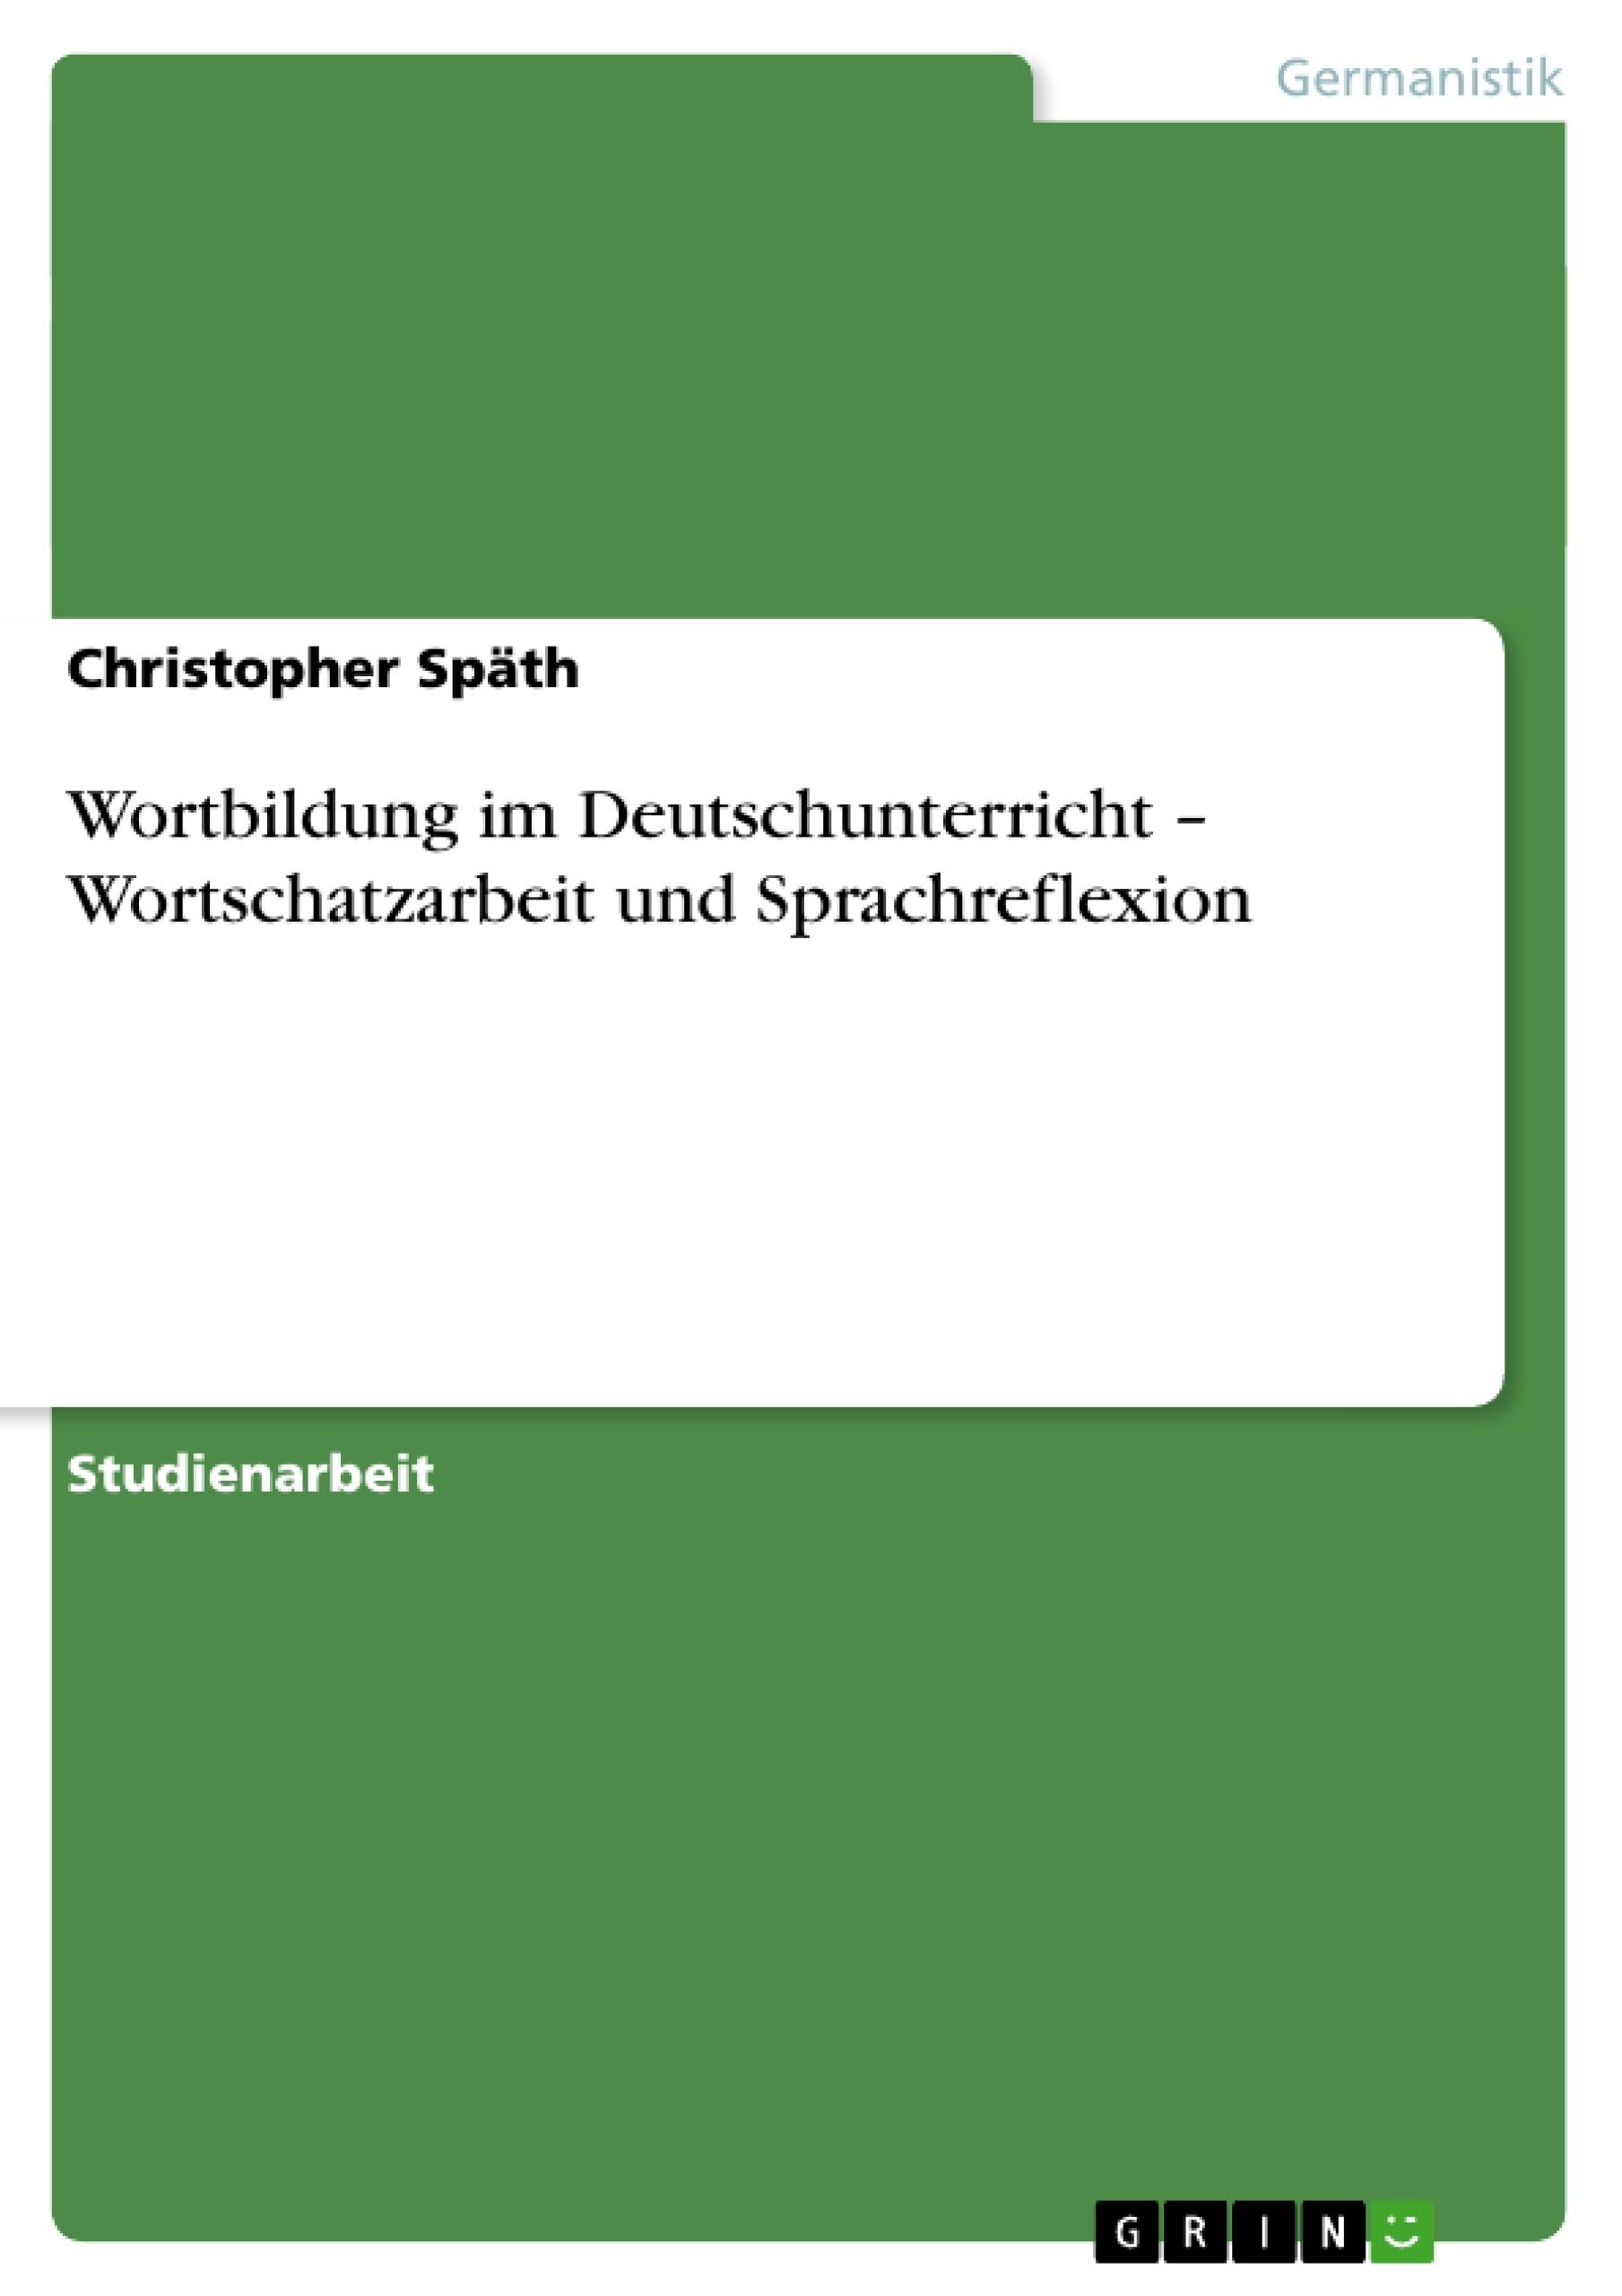 Wortbildung im Deutschunterricht – Wortschatzarbeit und ...